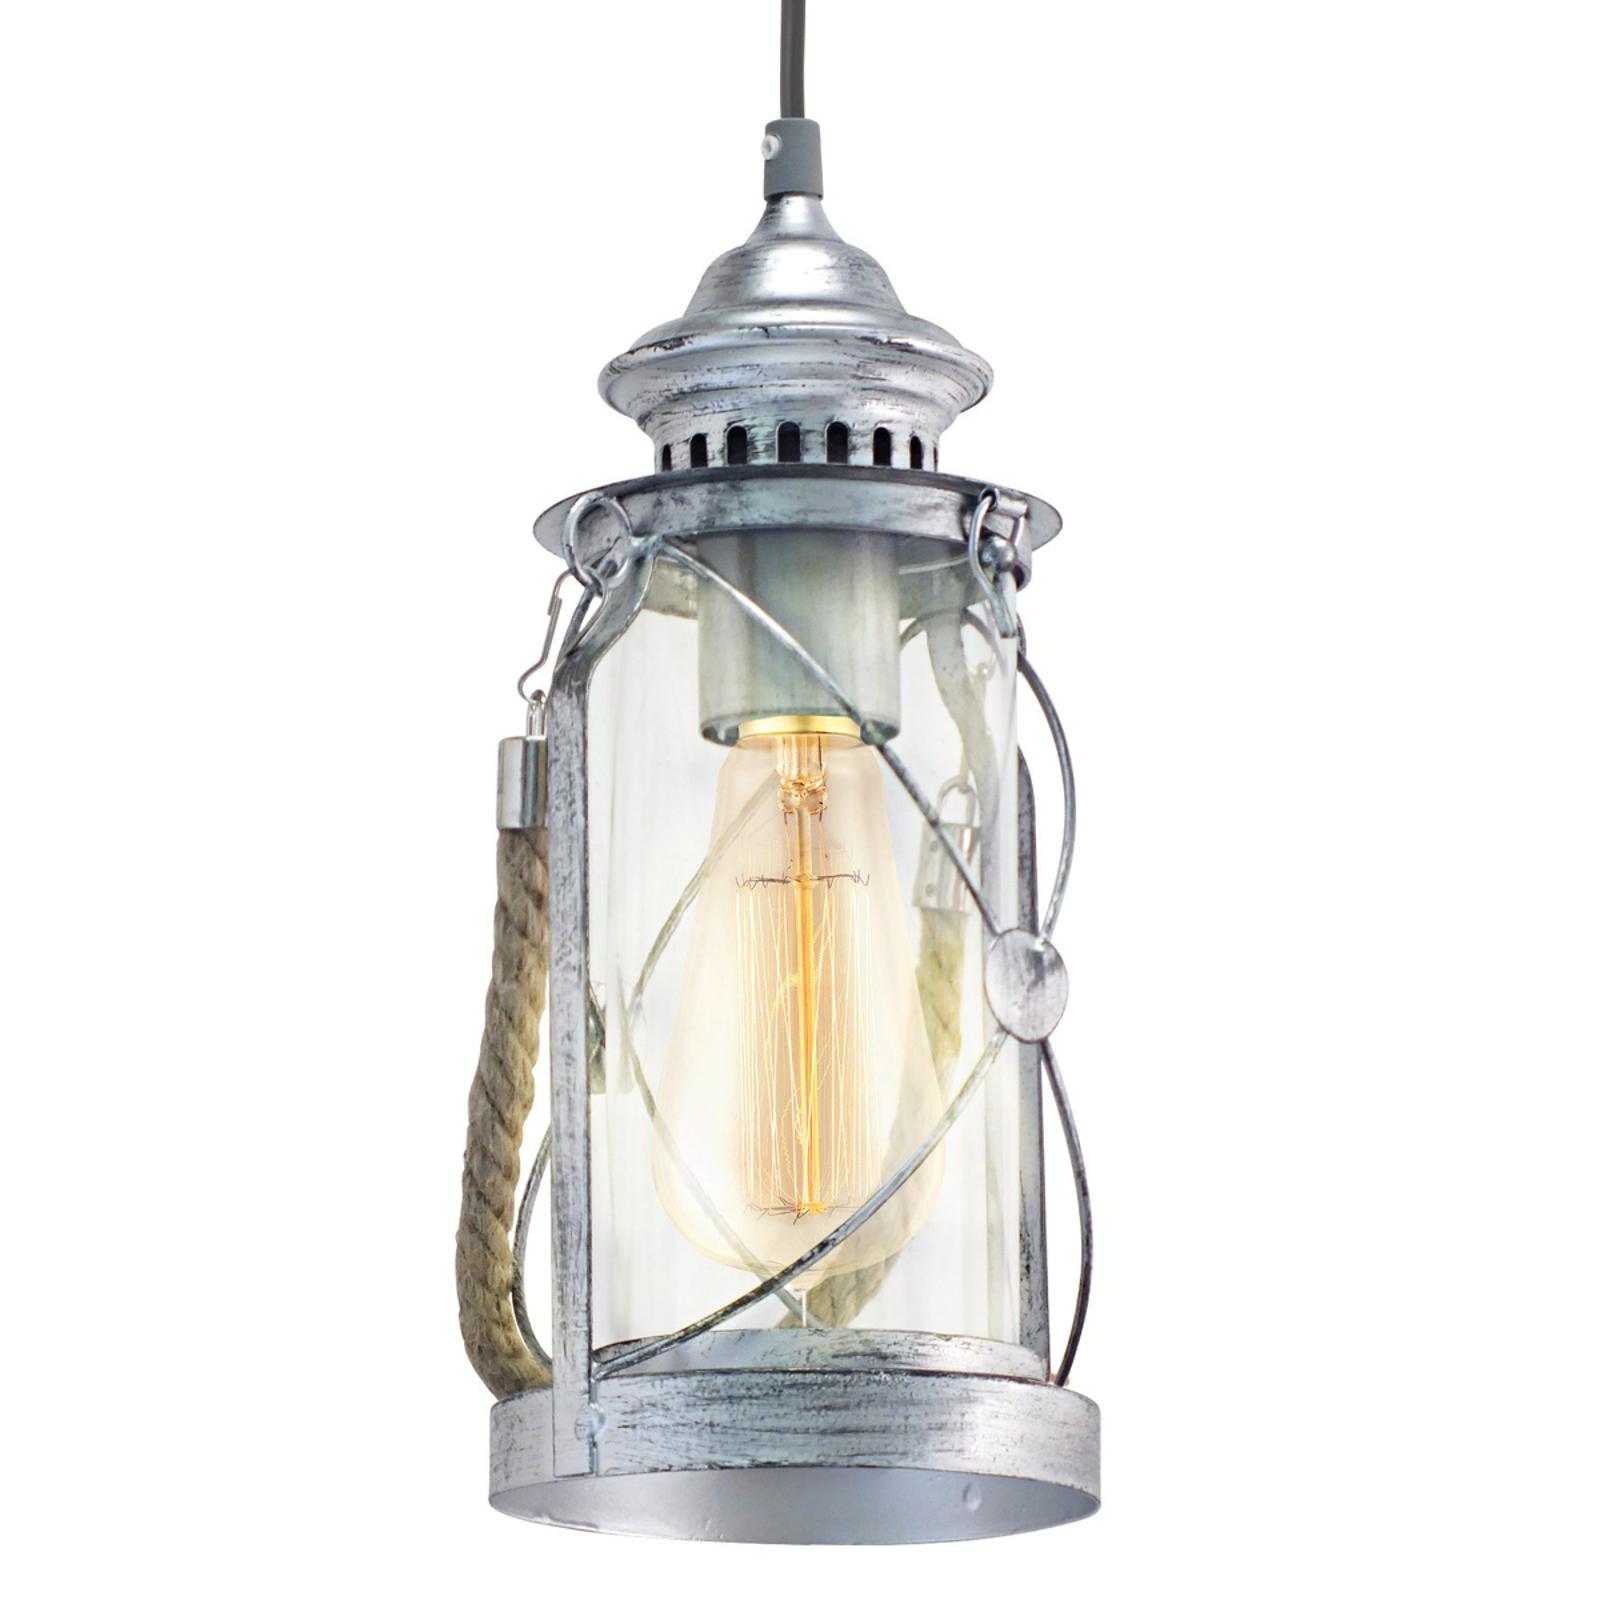 Srebrna lampa wisząca FEDOR w stylu vintage